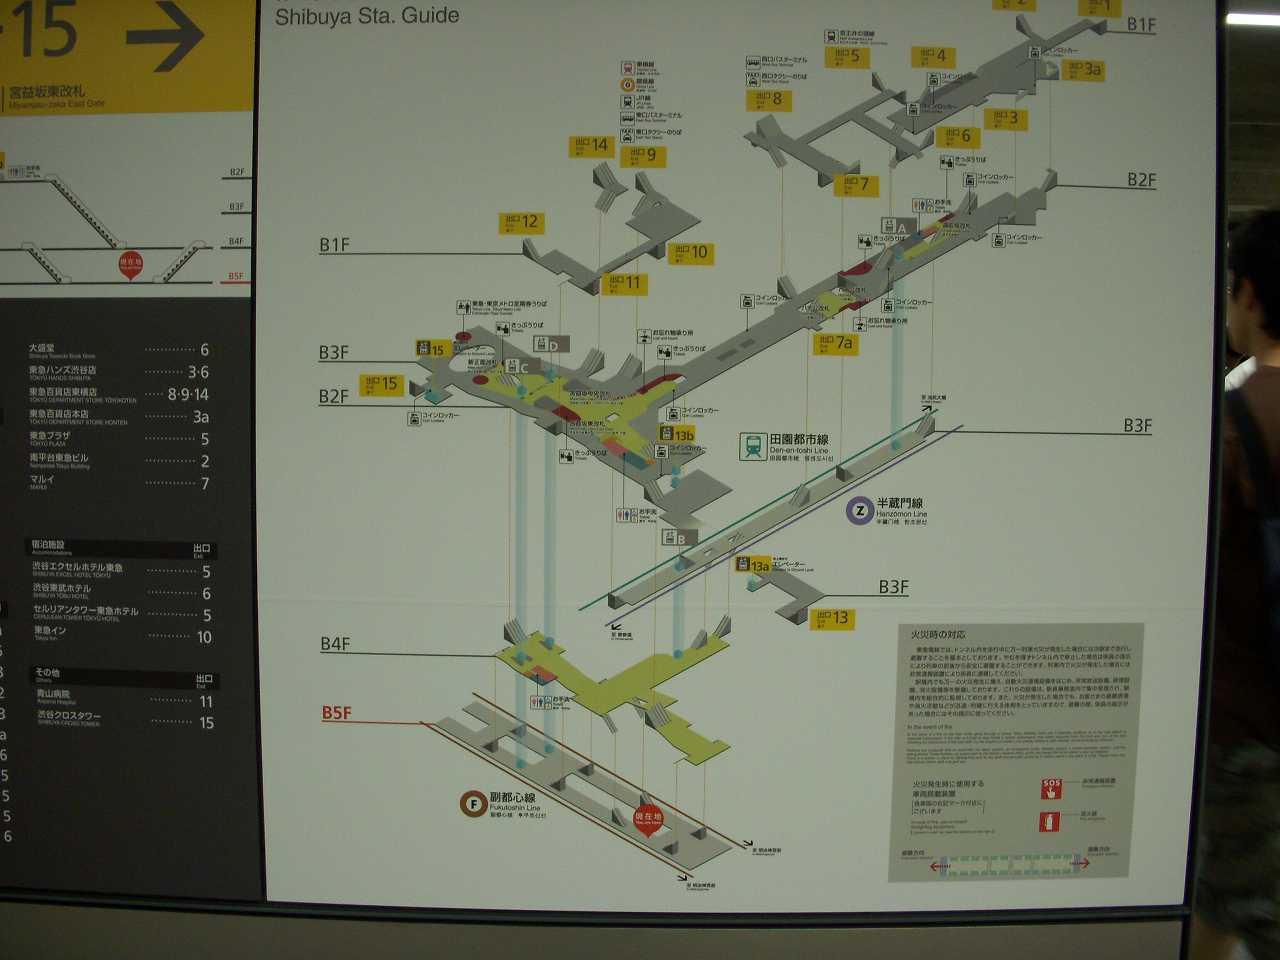 渋谷のホーム図